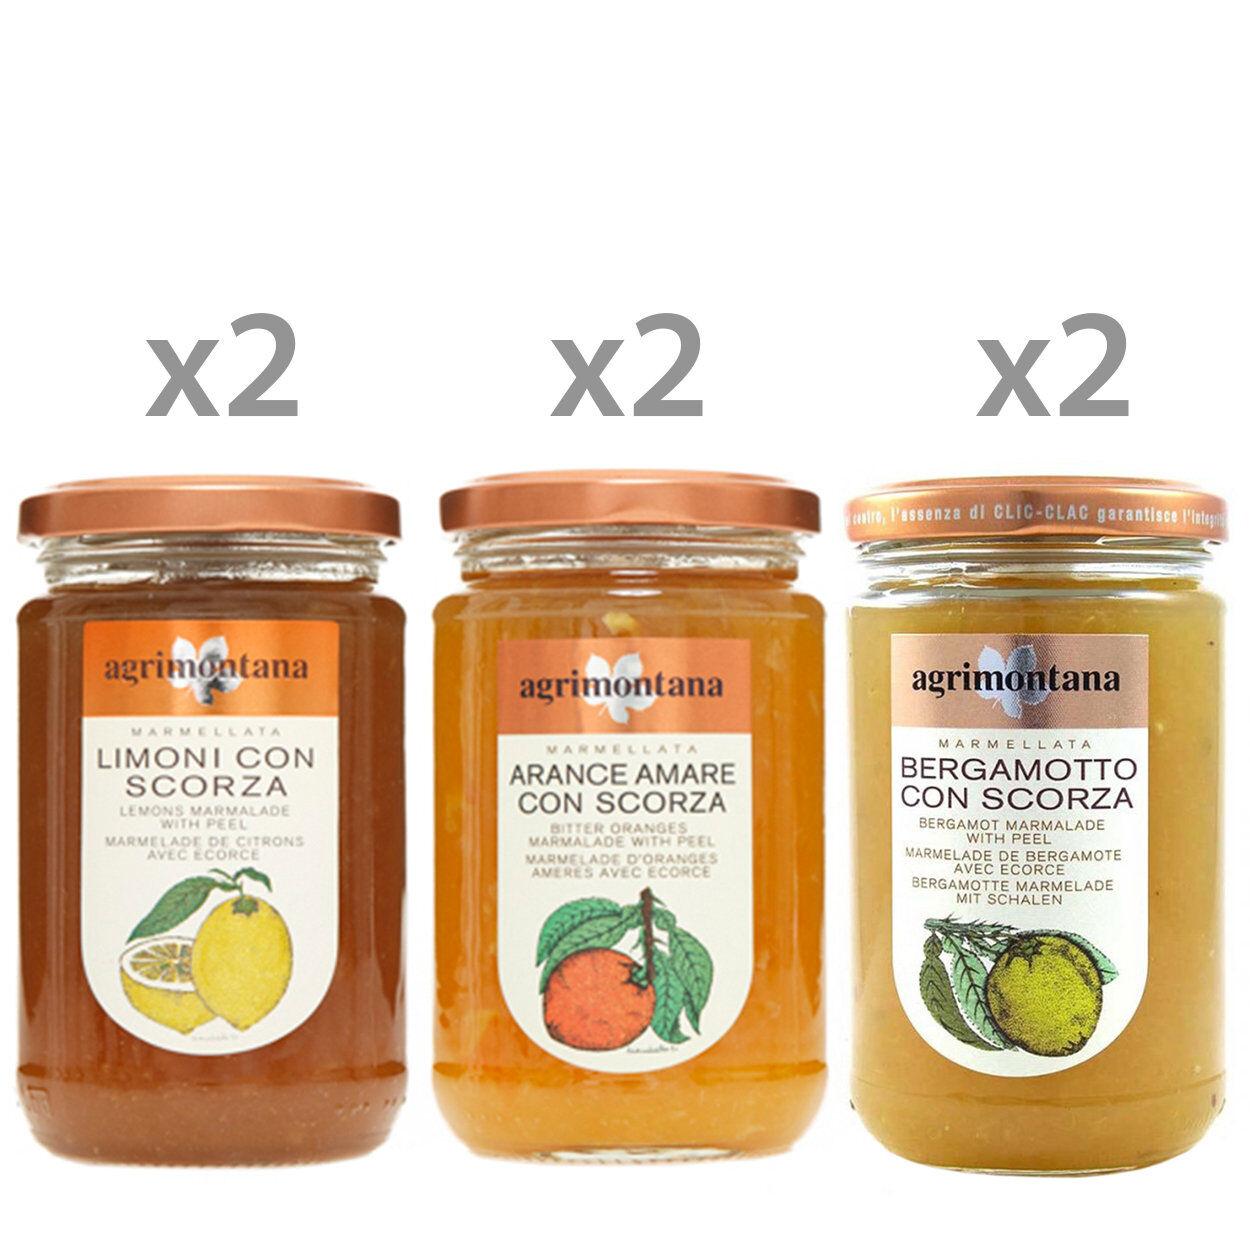 Agrimontana Box Marmellate da 350 gr: 2 Limoni - 2 Arance Amare - 2 Bergamotto + in OMAGGIO 1 Miele di Melata 400 gr